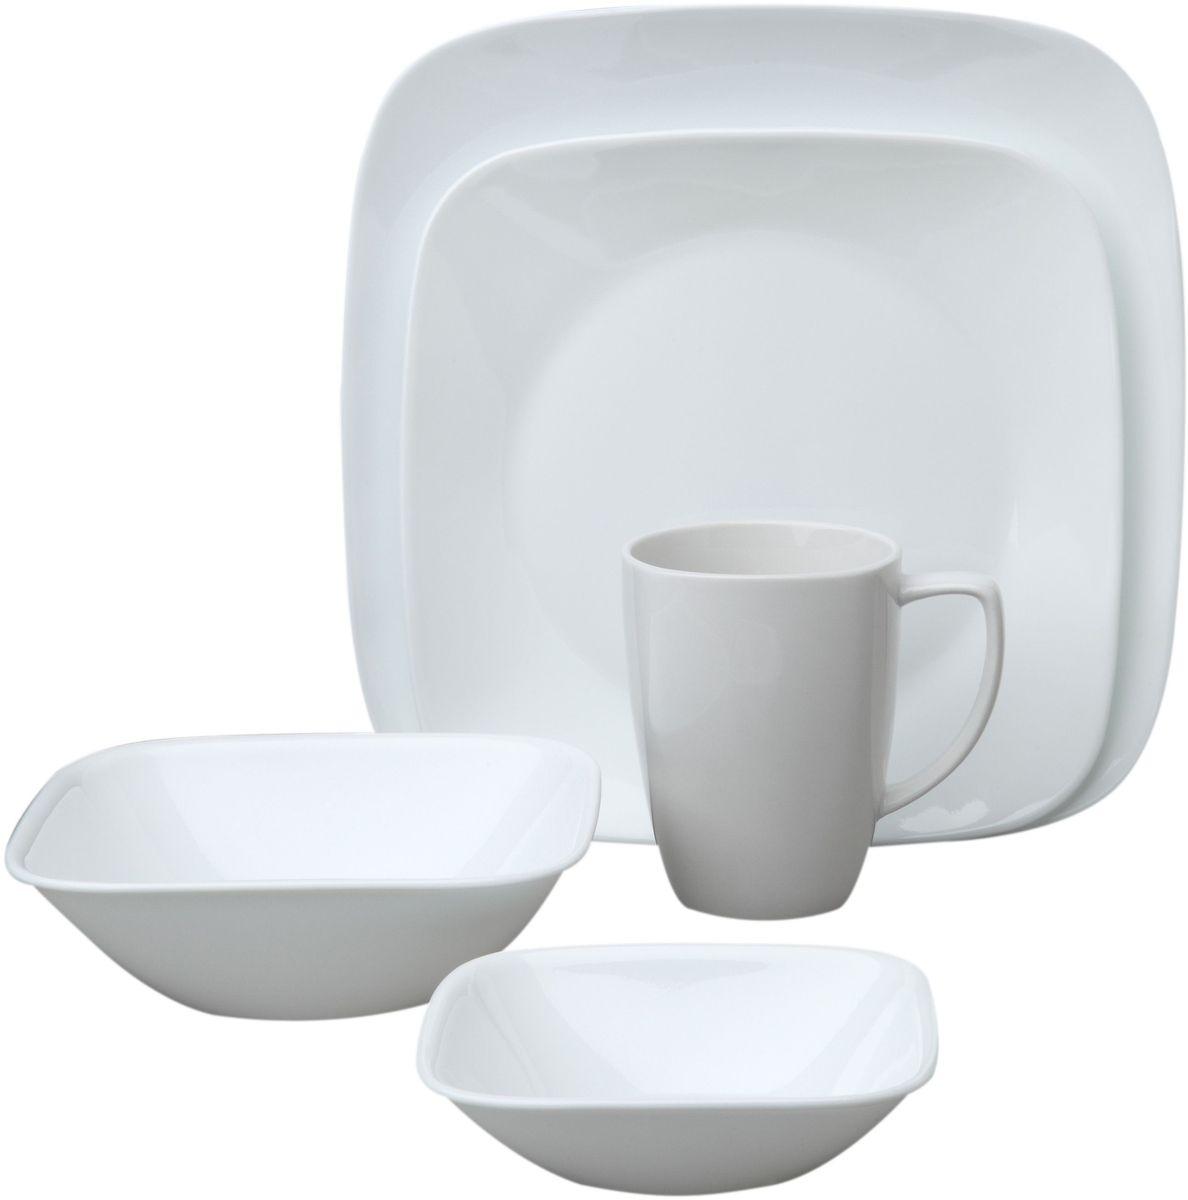 Набор посуды Corelle Pure White, цвет: белый, 16 предметов. 106995877.858@27325Коллекция Corelle Square - очень прочная стеклянная посуда квадратной формы с округленными краями и круглой внутренней частью для удобного использования. Посуда такой оригинальной формы подойдет и для ежедневного использования и для праздников. Серия посуды Corelle Square Pure White - это новая форма американской классики. Дизайн посуды создан студией Levien of London. Набор посуды Pure White состоит из: -тарелка обеденная, 26 см - 4 шт; -тарелка закусочная, 22 см - 4 шт; -тарелка суповая, 650 мл - 4 шт; -кружка, 350 мл - 4 шт.